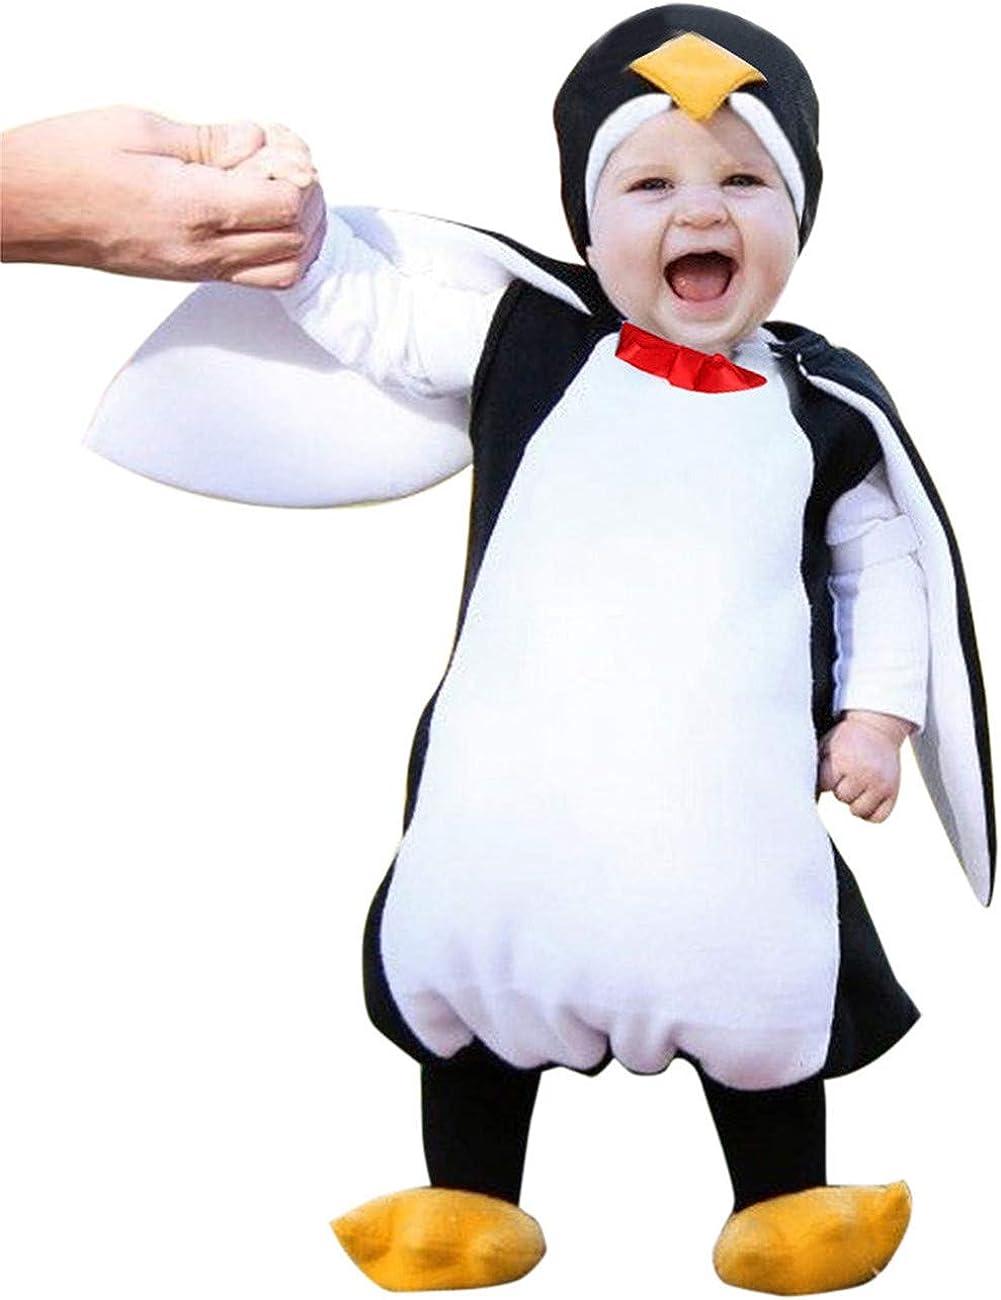 HCFKJ Ropa Bebe NiñA Invierno NiñO Manga Larga Camisetas BEB Conjuntos Moda NiñOs ReciéN Nacidos Bebé Chicos NiñAs Cosplay Dibujos Animados PingüIno Mameluco Calzado Trajes